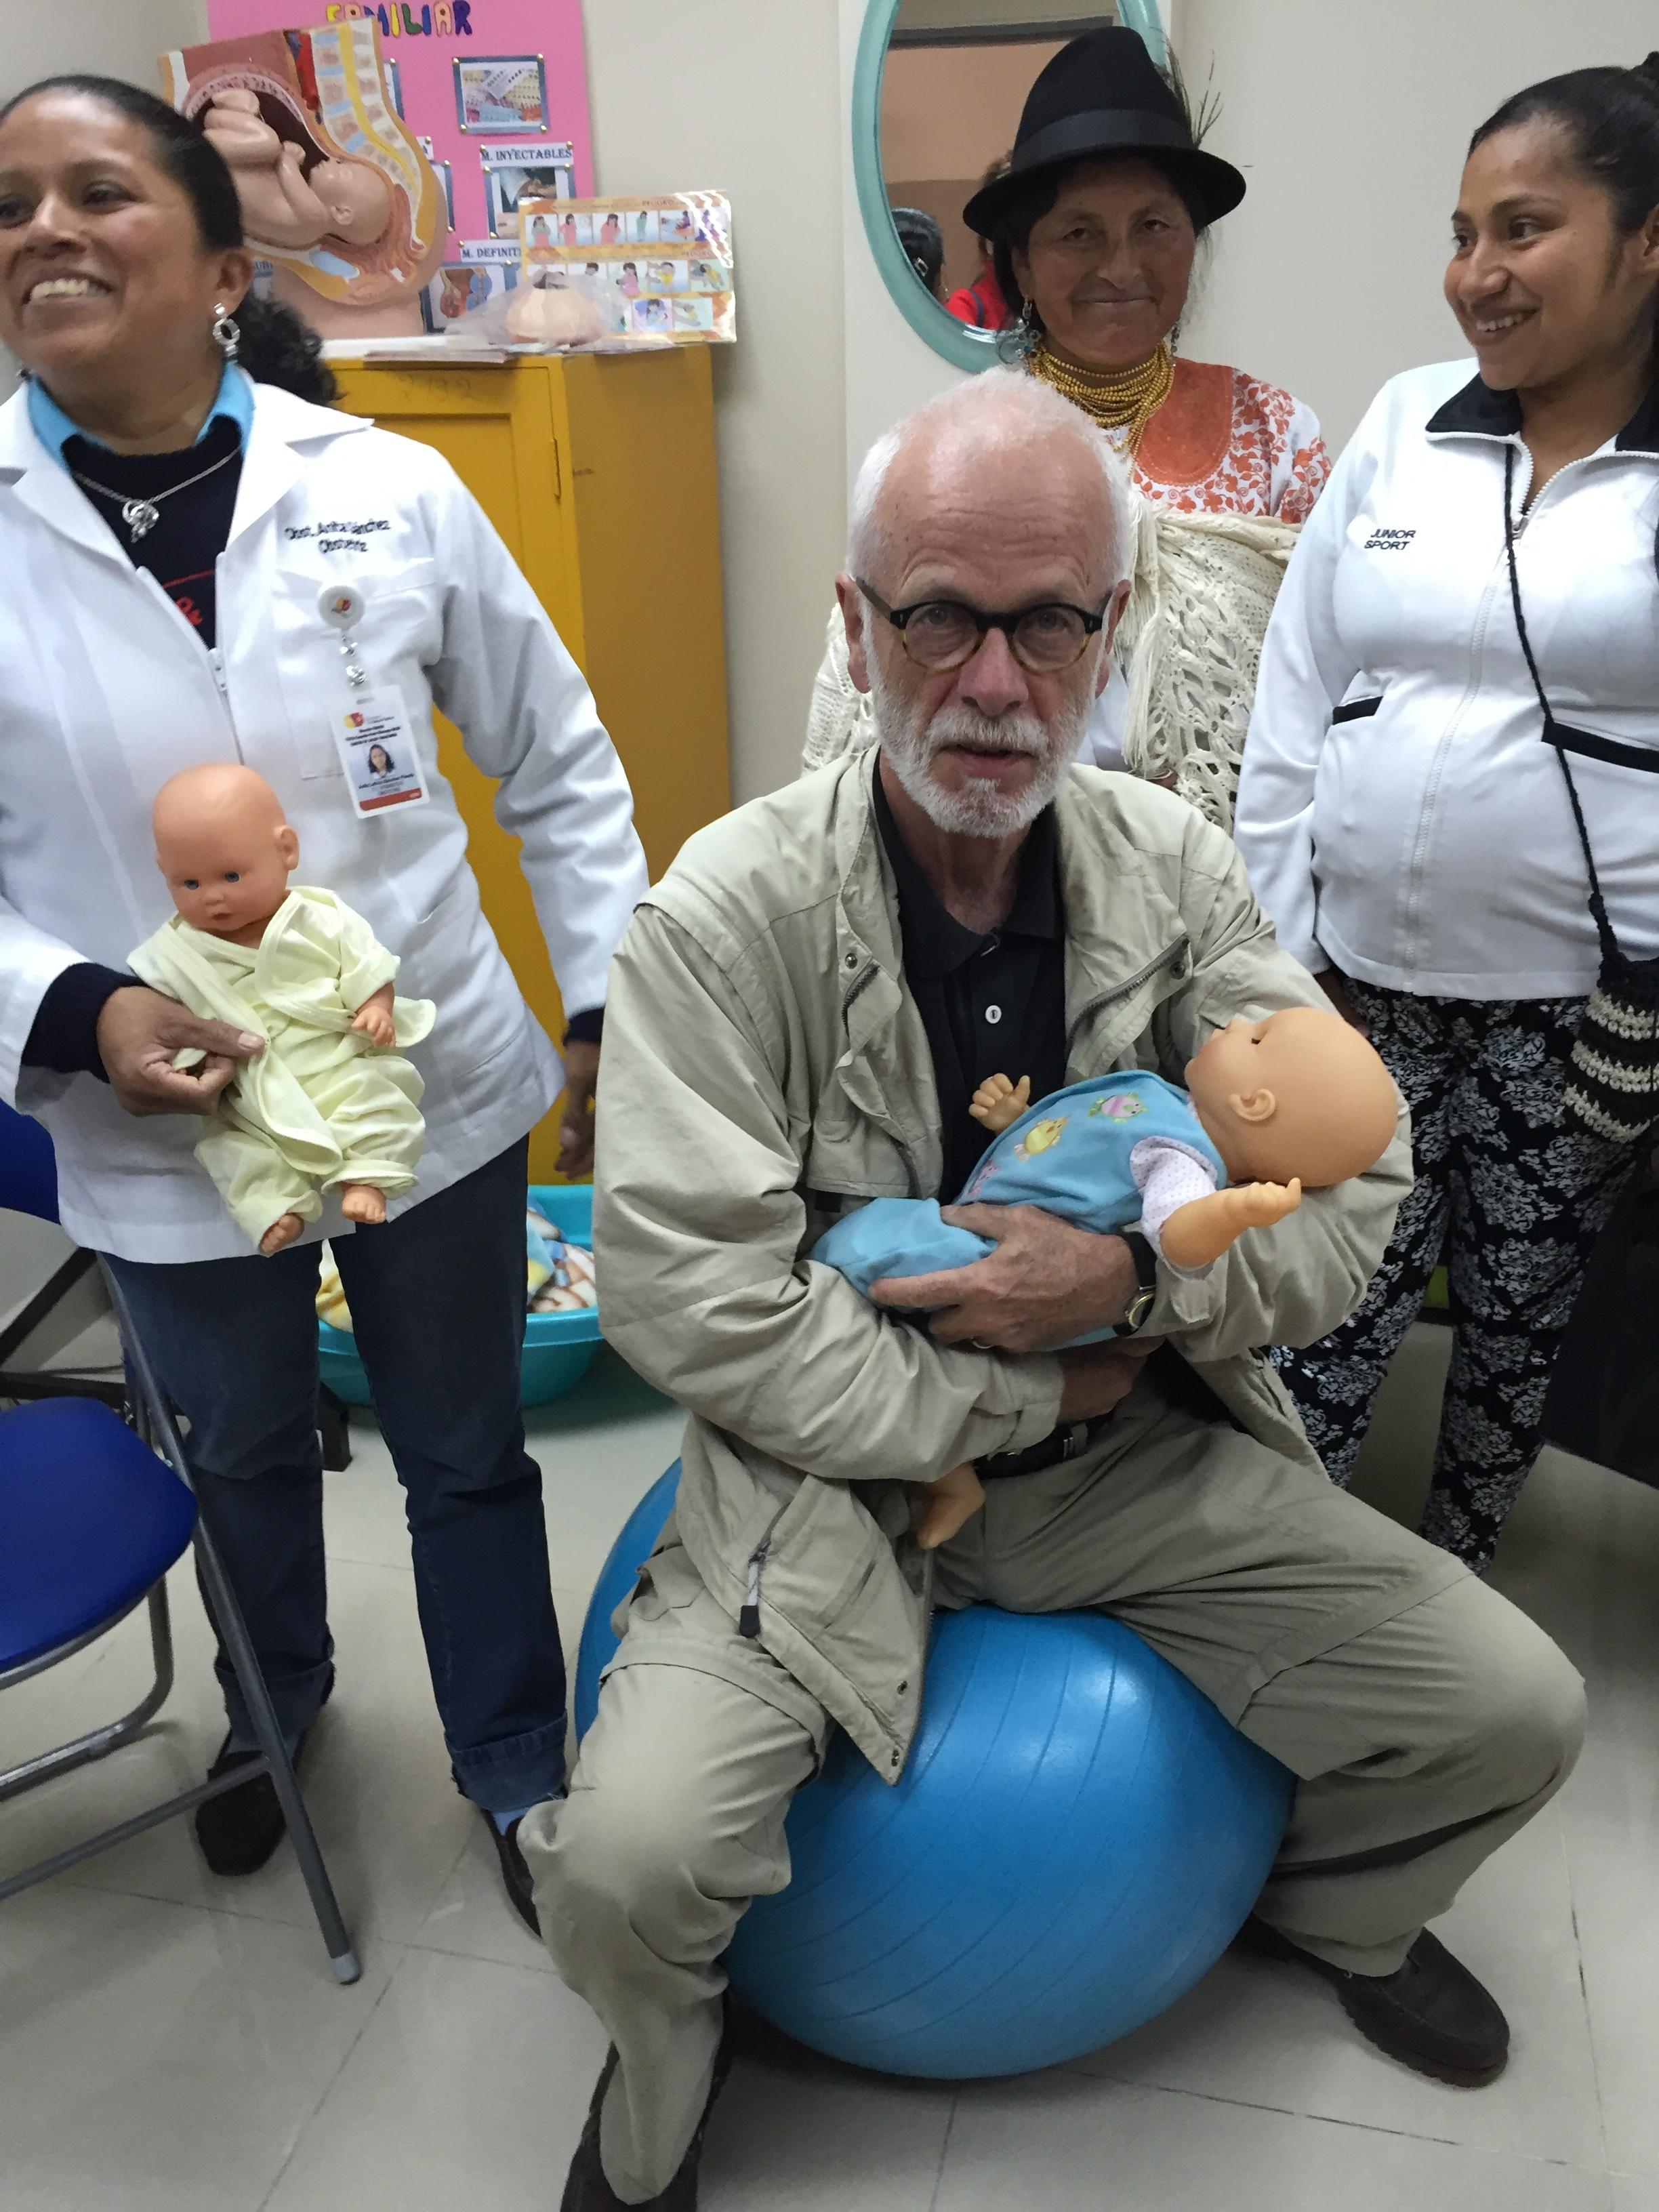 Med CARE på en fødeklinik i det nordlige Ecuador, november 2015